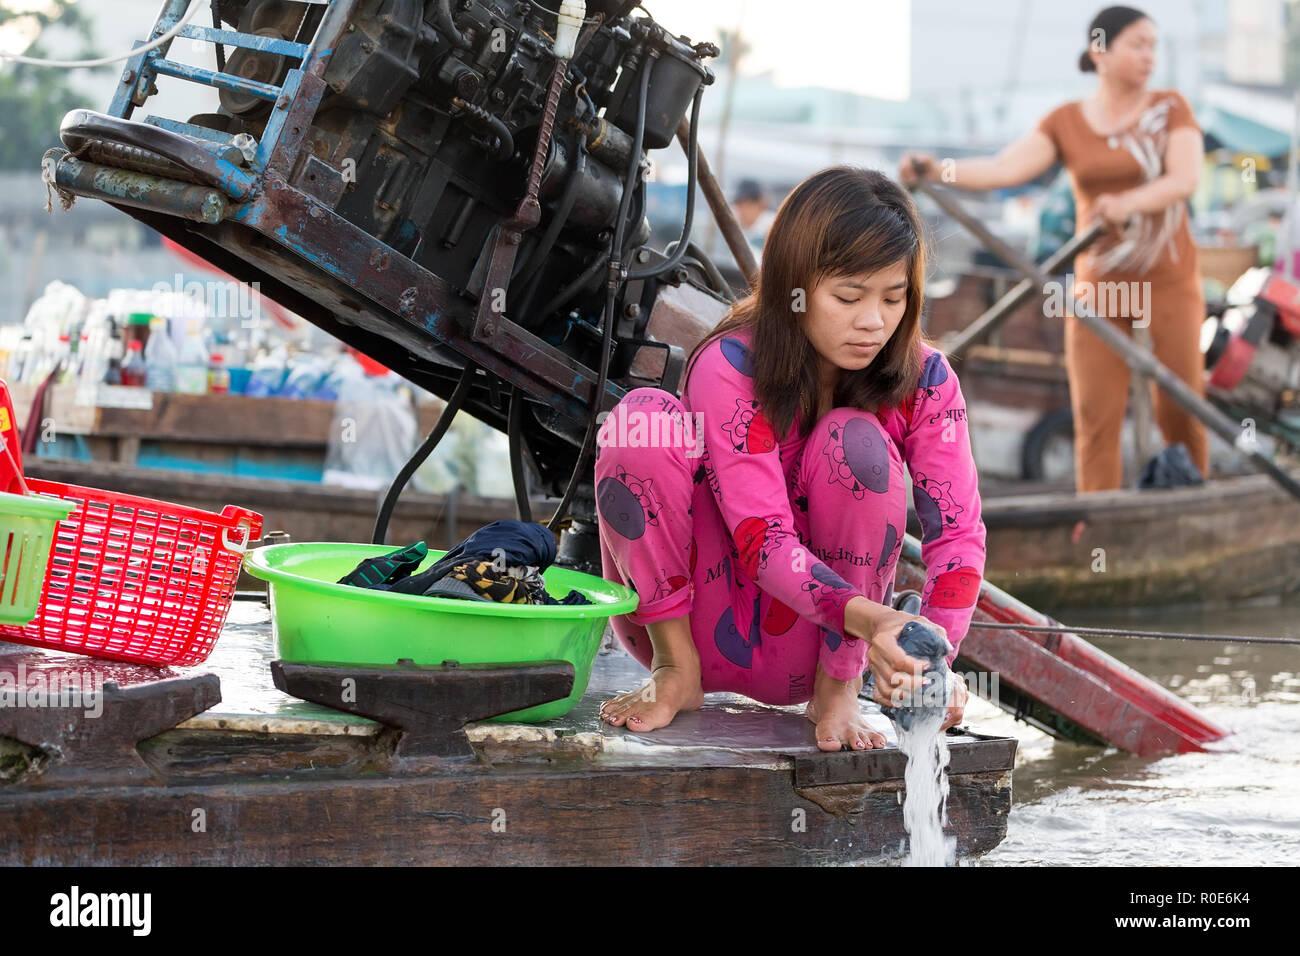 CAN THO, Vietnam, 12 de diciembre de 2014:Una mujer está lavando la ropa a bordo de un barco comercial en El Cai Rang mercado flotante sobre el río Mekong i Foto de stock